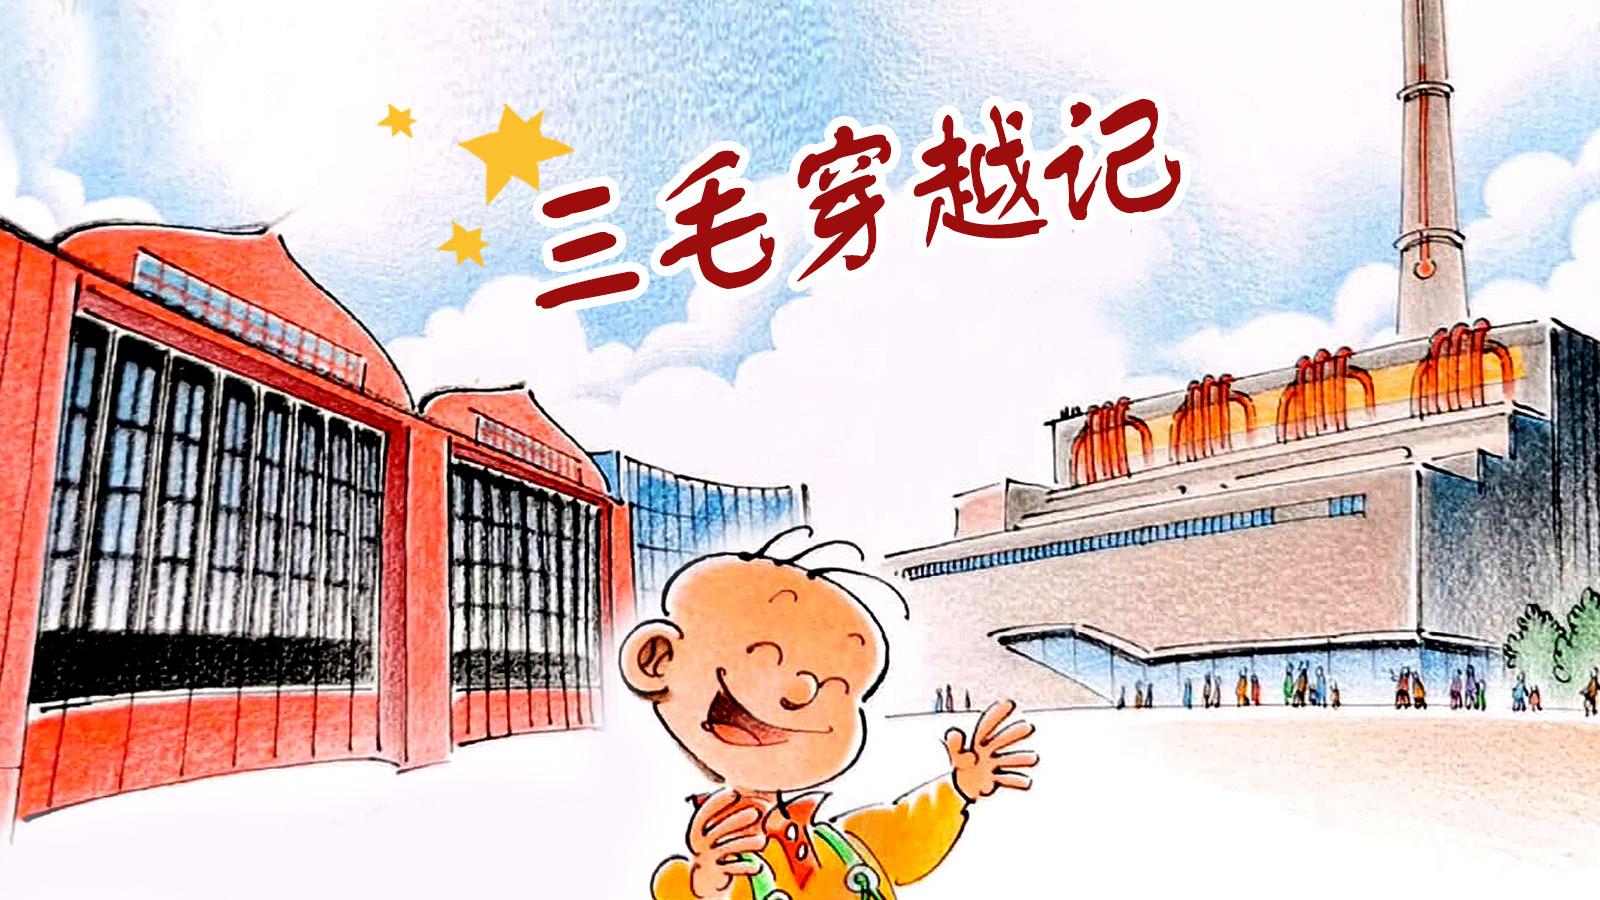 粮仓里看艺术品,发电厂变博物馆,三毛最喜欢的上海老厂房都华丽丽地变身啦 | 三毛穿越记42